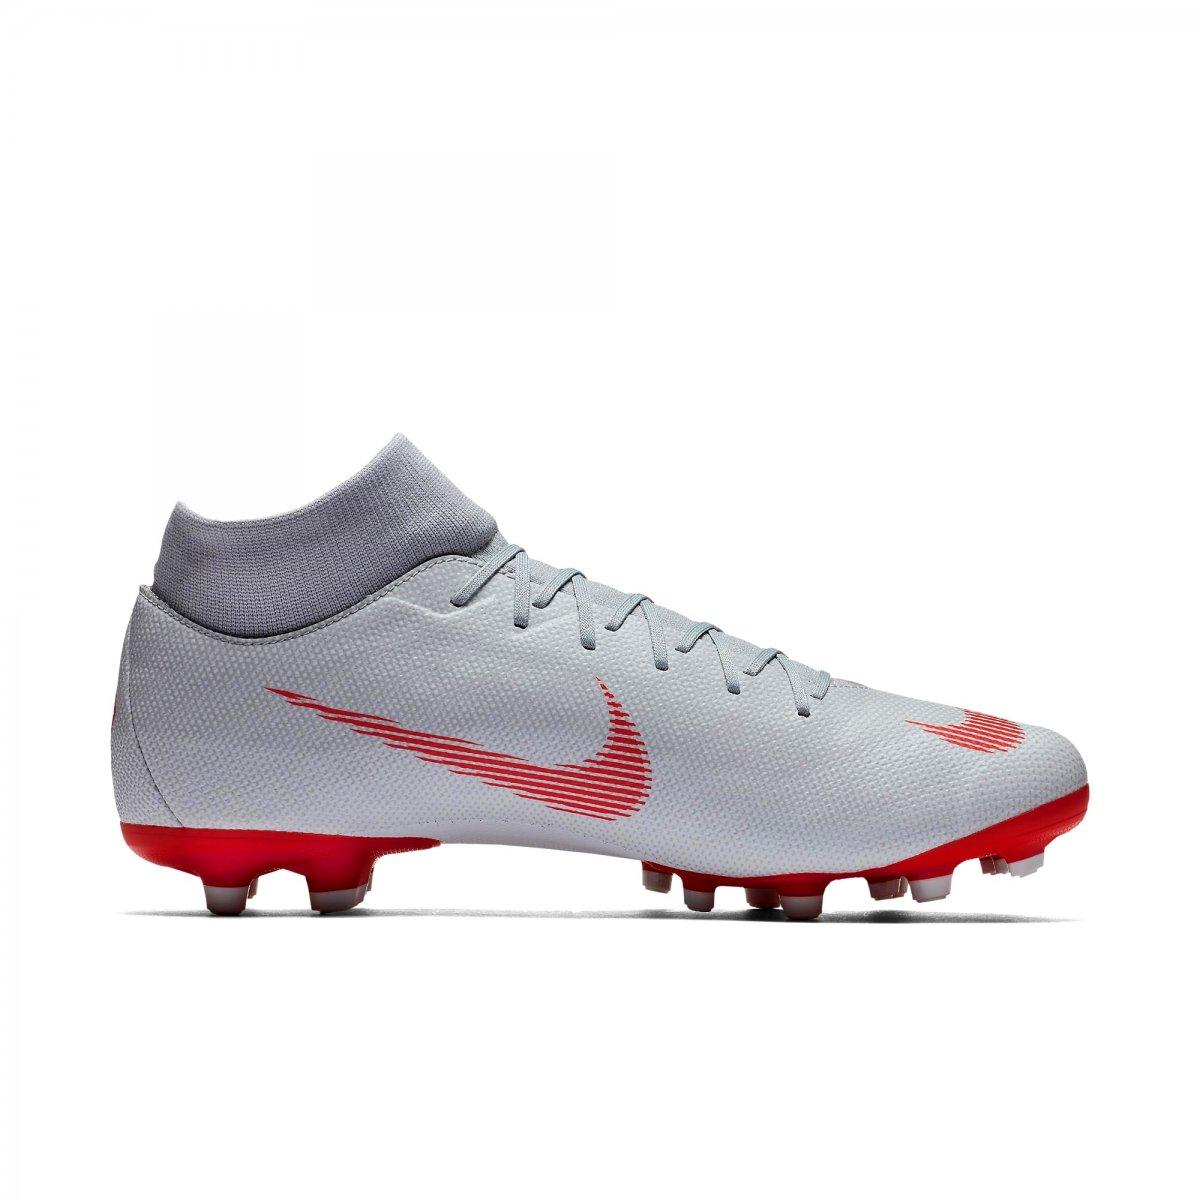 Amplie a imagem. Chuteira Campo Nike Mercurial Superfly VI Academy  Chuteira  Campo Nike Mercurial ... 9e1b06b399577